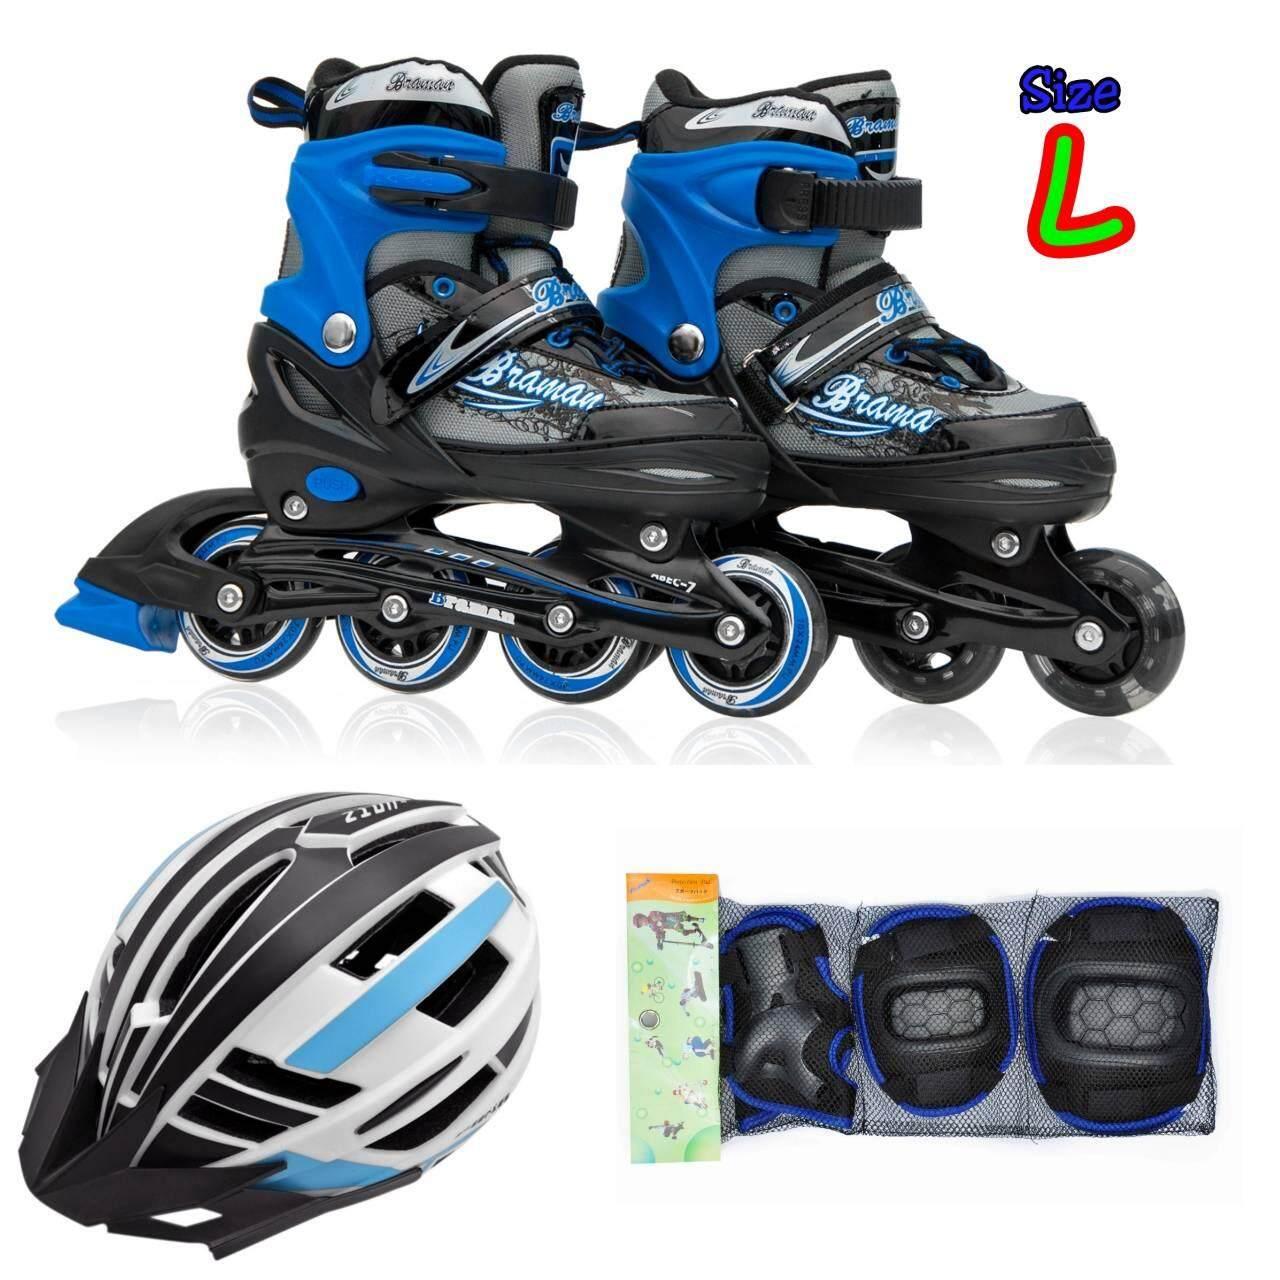 รองเท้าอินไลน์สเก็ต Premium Inline Skate Braman Aluminium Tracks Abec 7 Wheels With Lights 0415B Warranty 1 Year เบอร์ 33 36 Black L ครบชุด เป็นต้นฉบับ